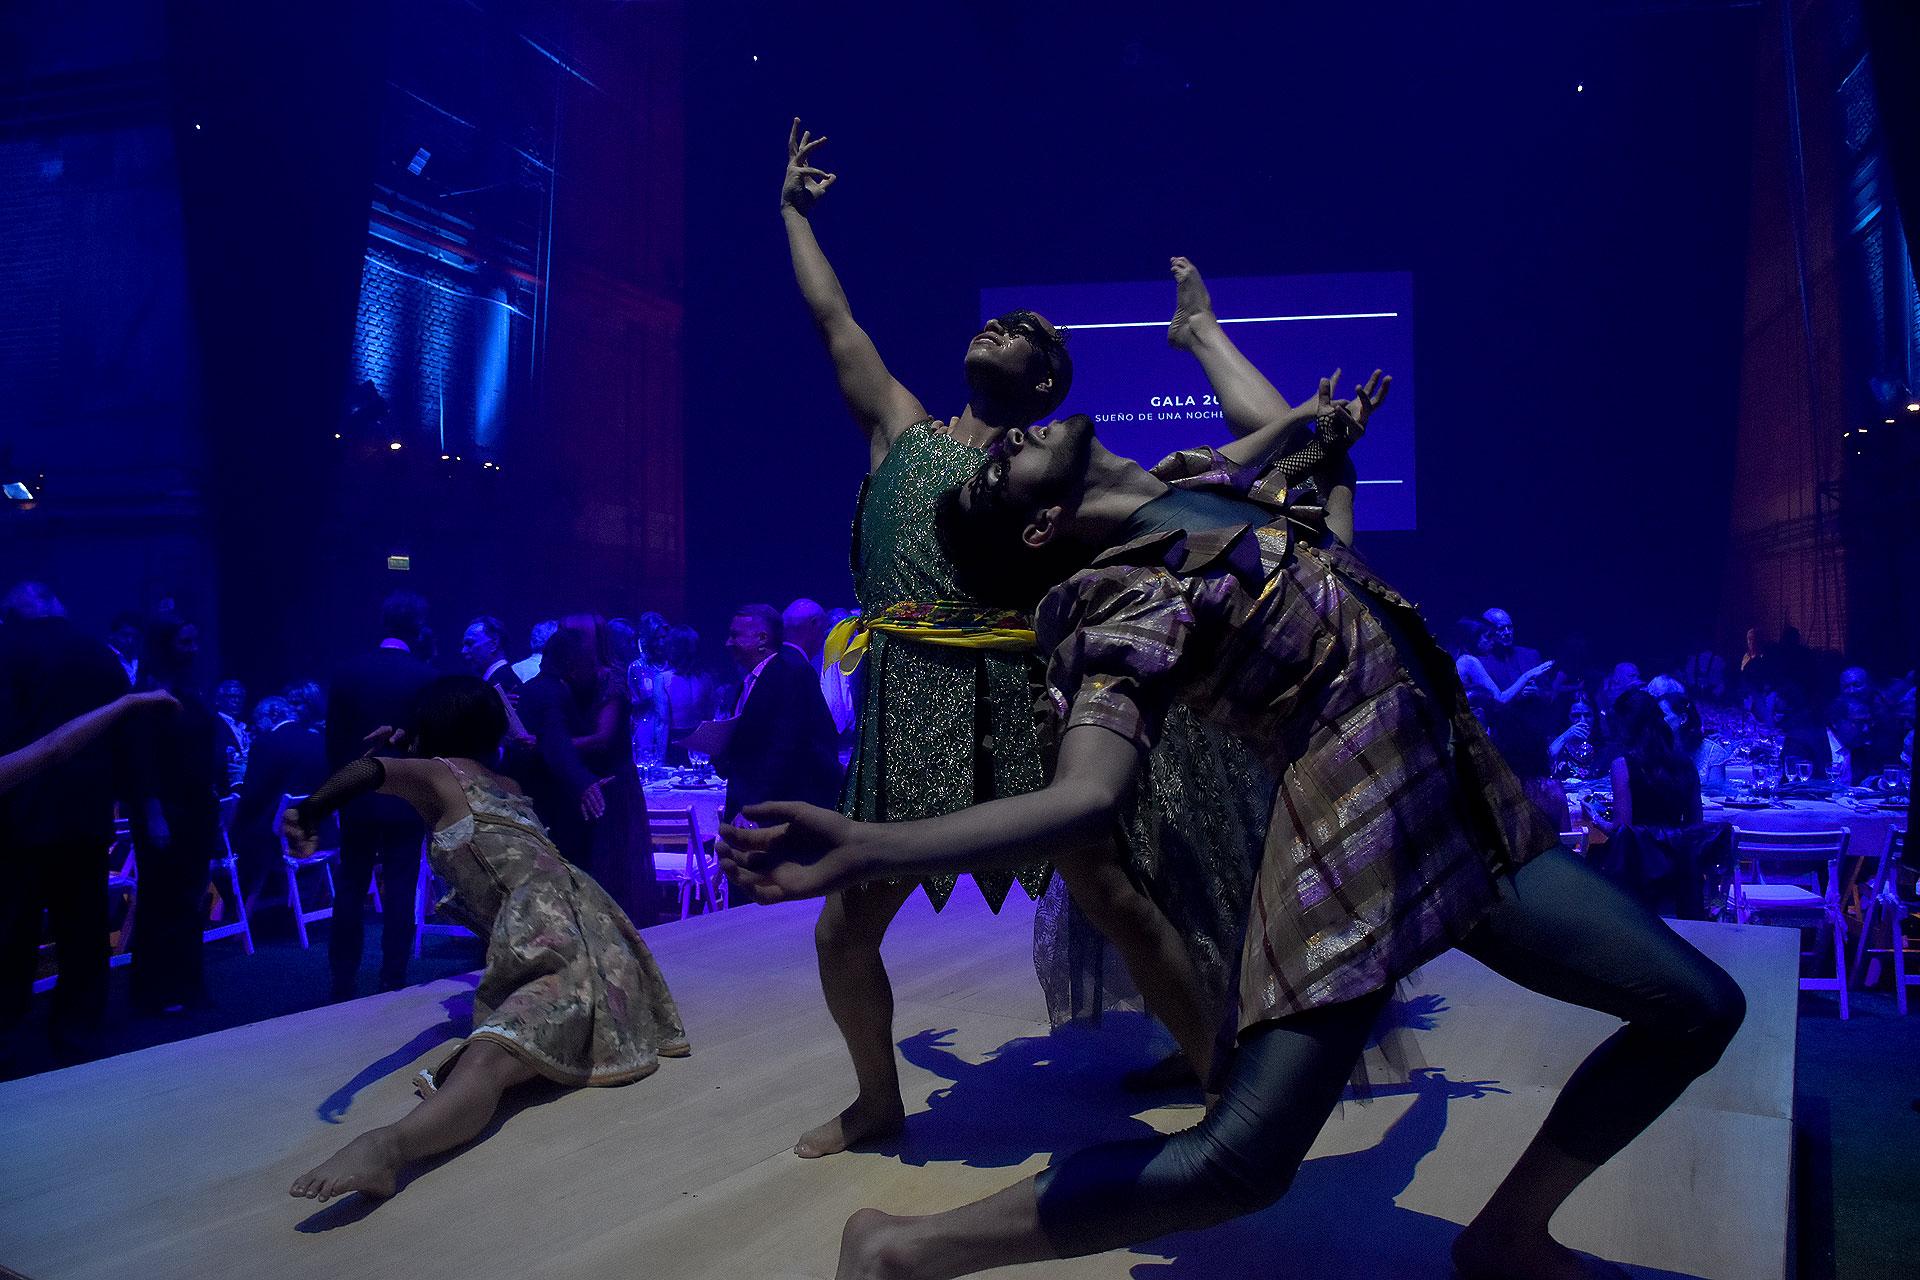 La cena se desplegó sobre el escenario de la Sala Martín Coronado y contó con una increíble puesta escenográfica del recientemente ganador de dos premios ACE, Alberto Negrín